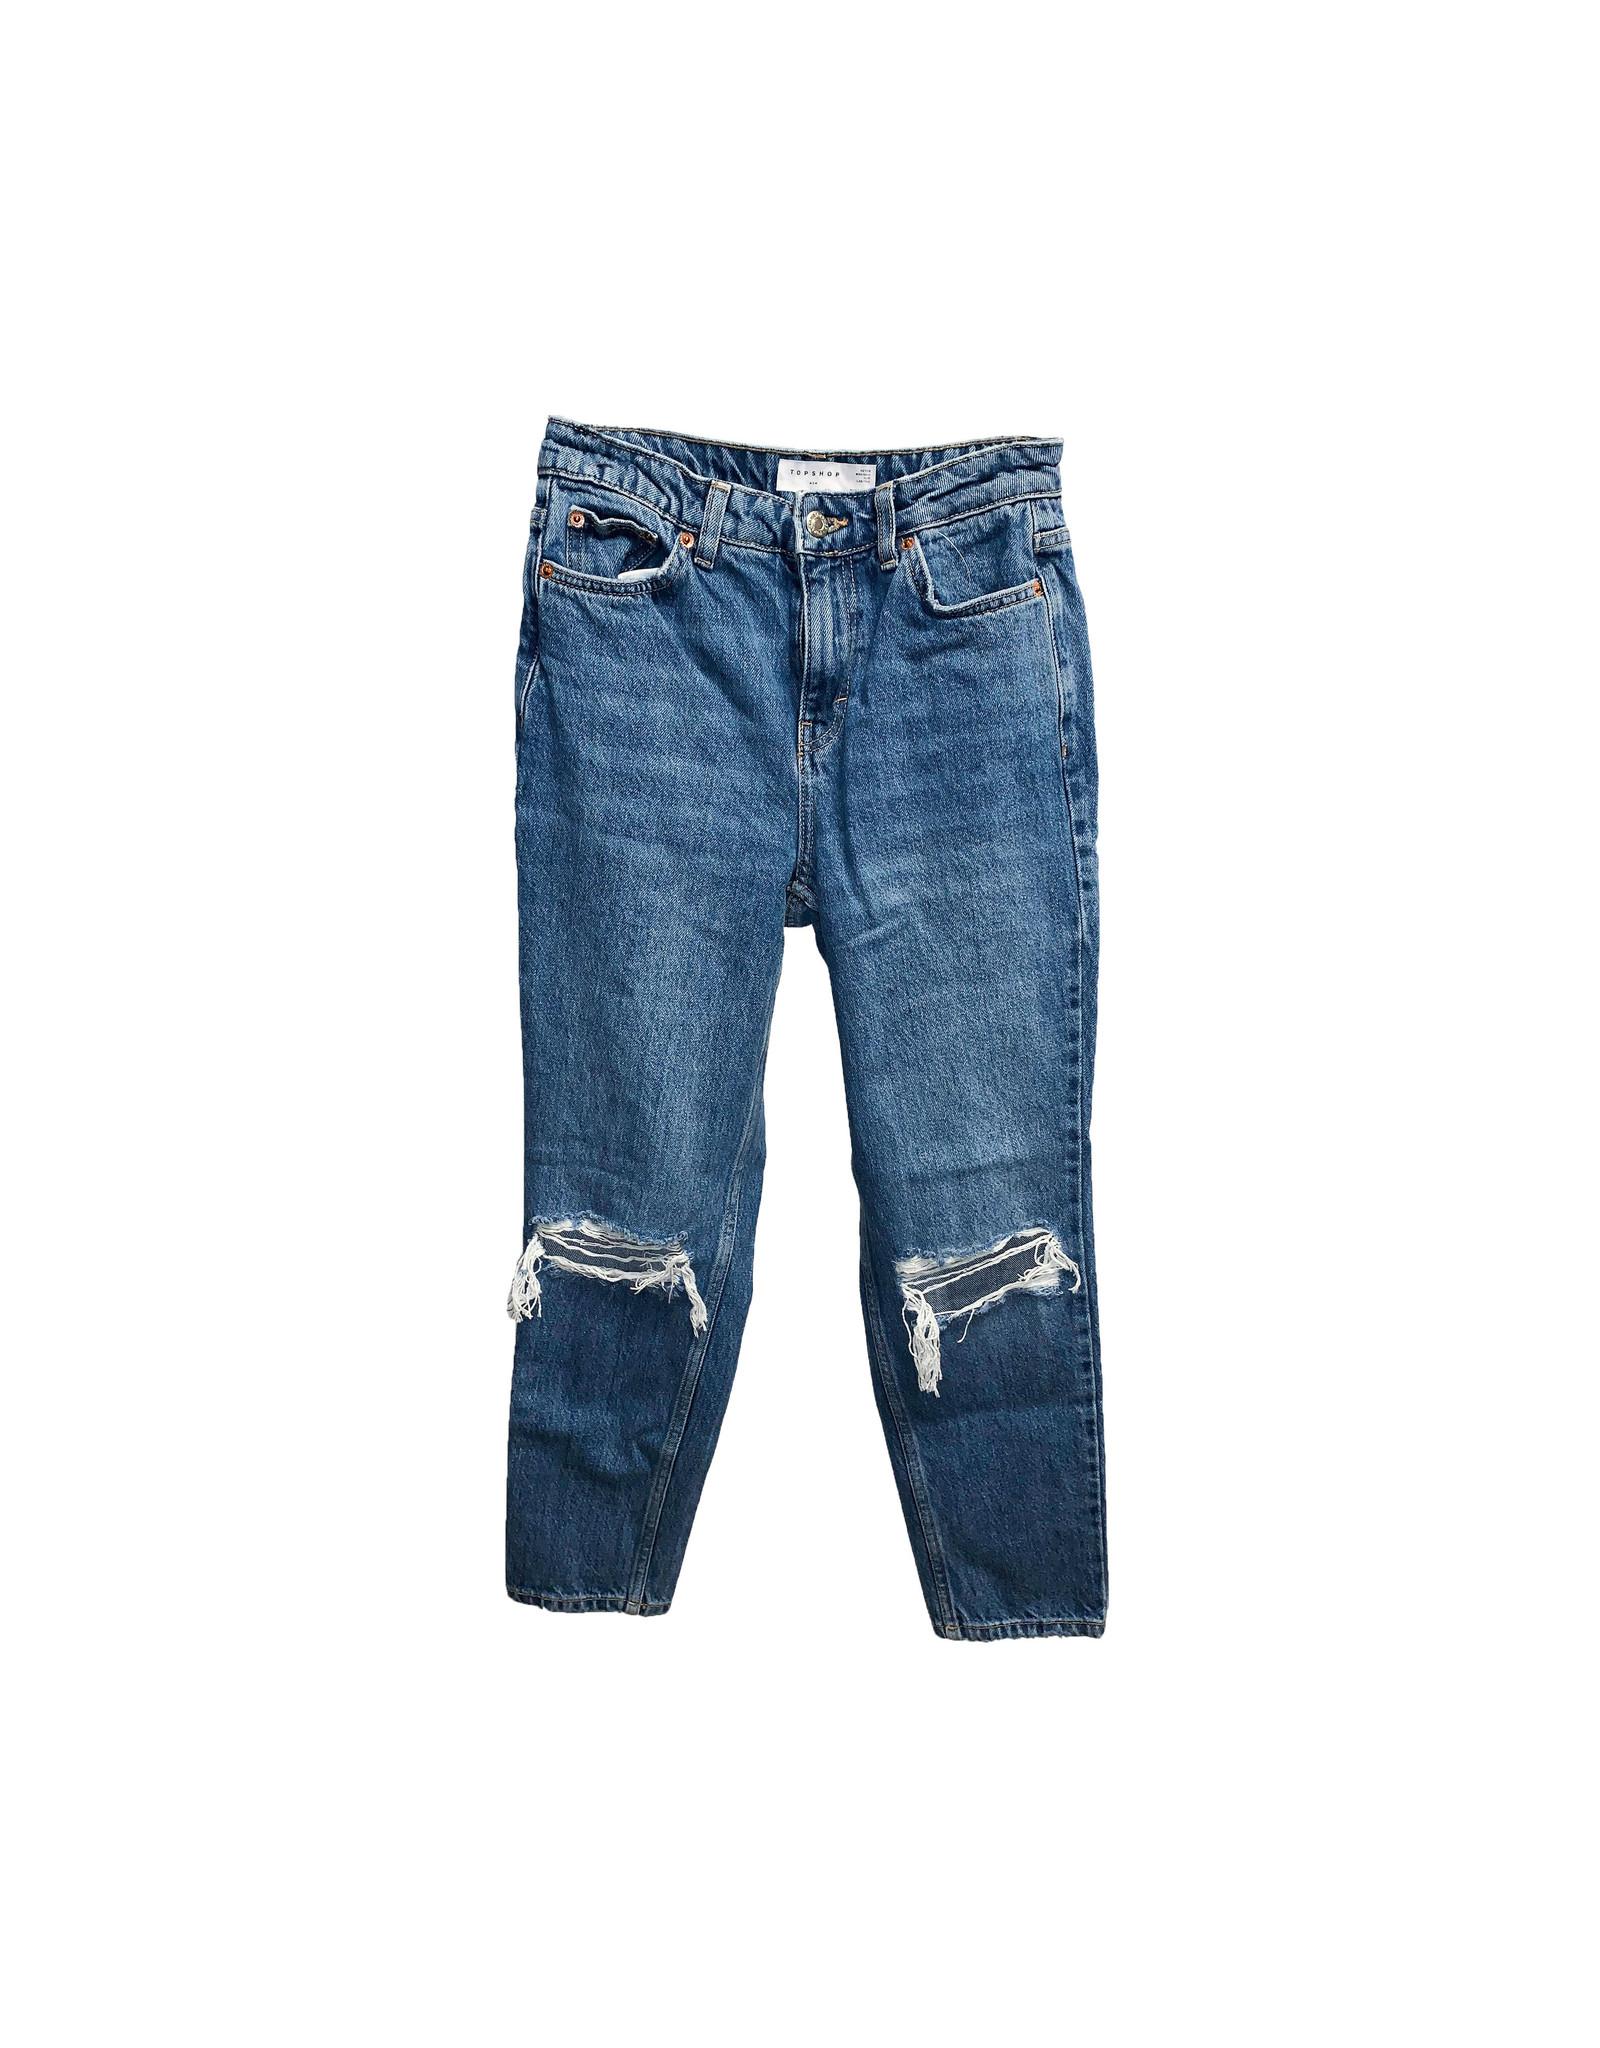 TOPSHOP Topshop Petite Double Rip  Mom Jeans Size W26L28